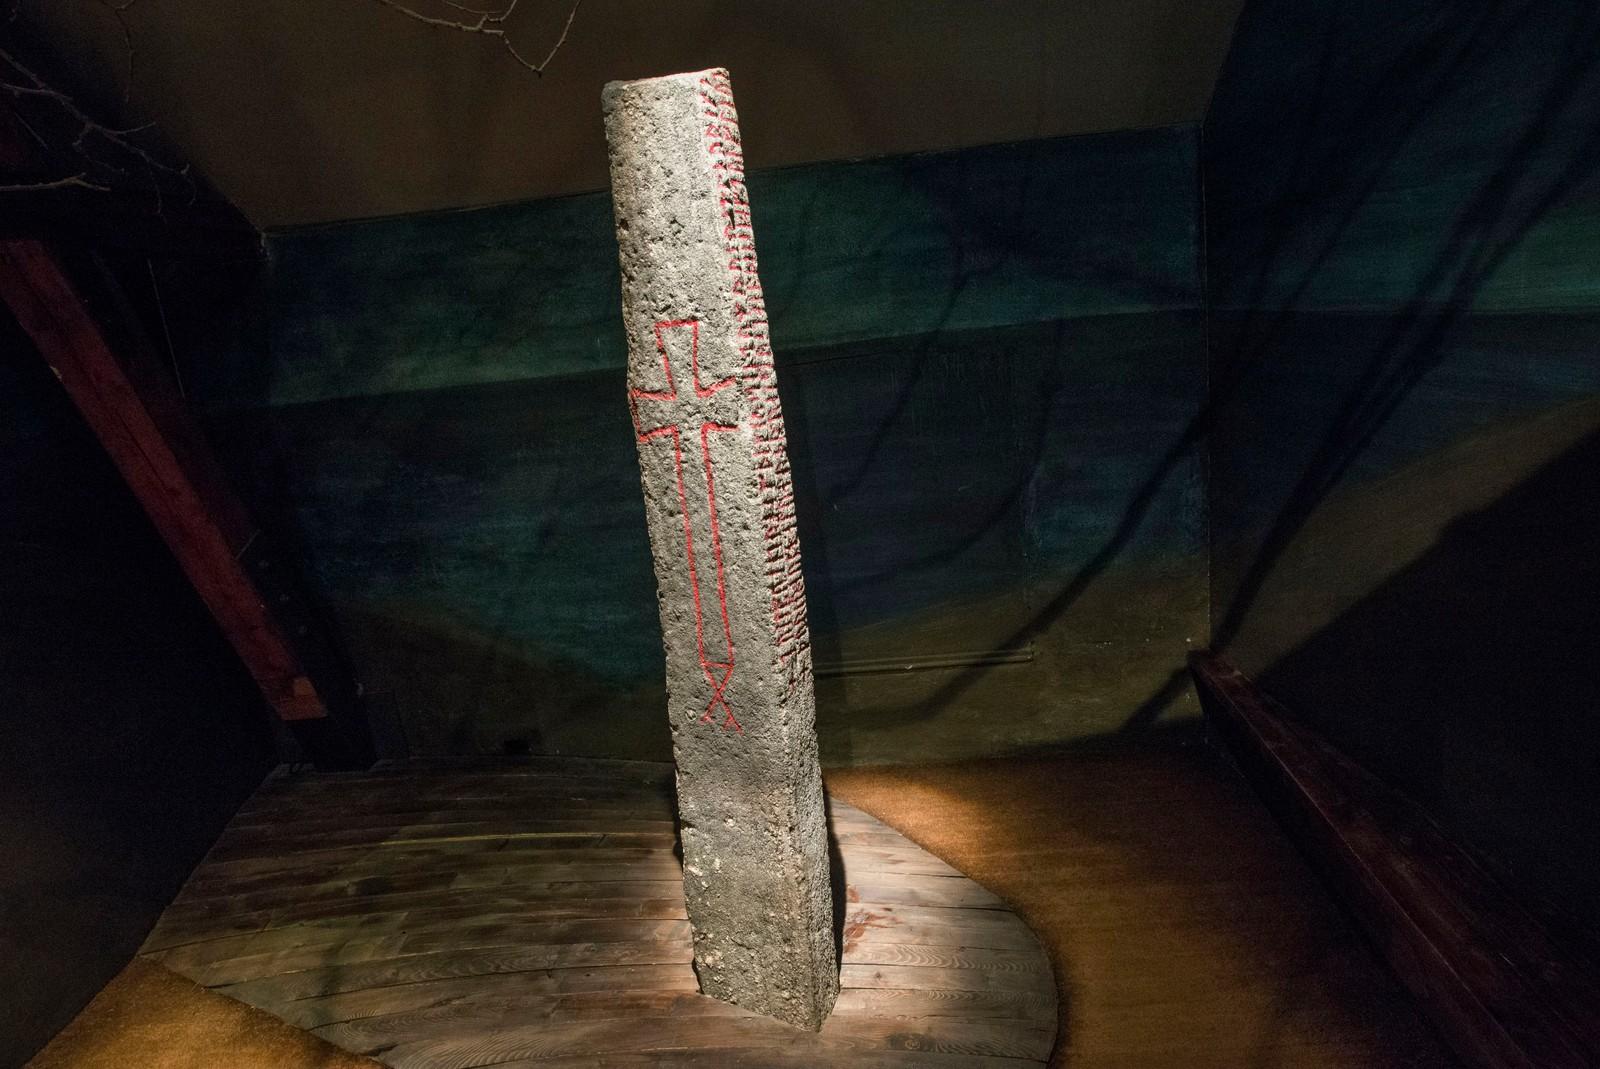 """I Suhmhuset hos NTNU Vitenskapsmuseet kan en se «Norges dåpsattest». På Kulisteinen fra tidlig 1000-tall står navnet """"Norge"""". Det er første gang som vi kjenner til at navnet er brukt på det som vi i dag kaller Norge På steinen står det med norrøne runer at den ble reist da kristendommen hadde vært «12 vintre i Norge», og slik daterer den også skiftet fra den gamle religionen. Kulisteinen ble i 2012 innlemmet i UNESCOs Memory of the world-liste."""